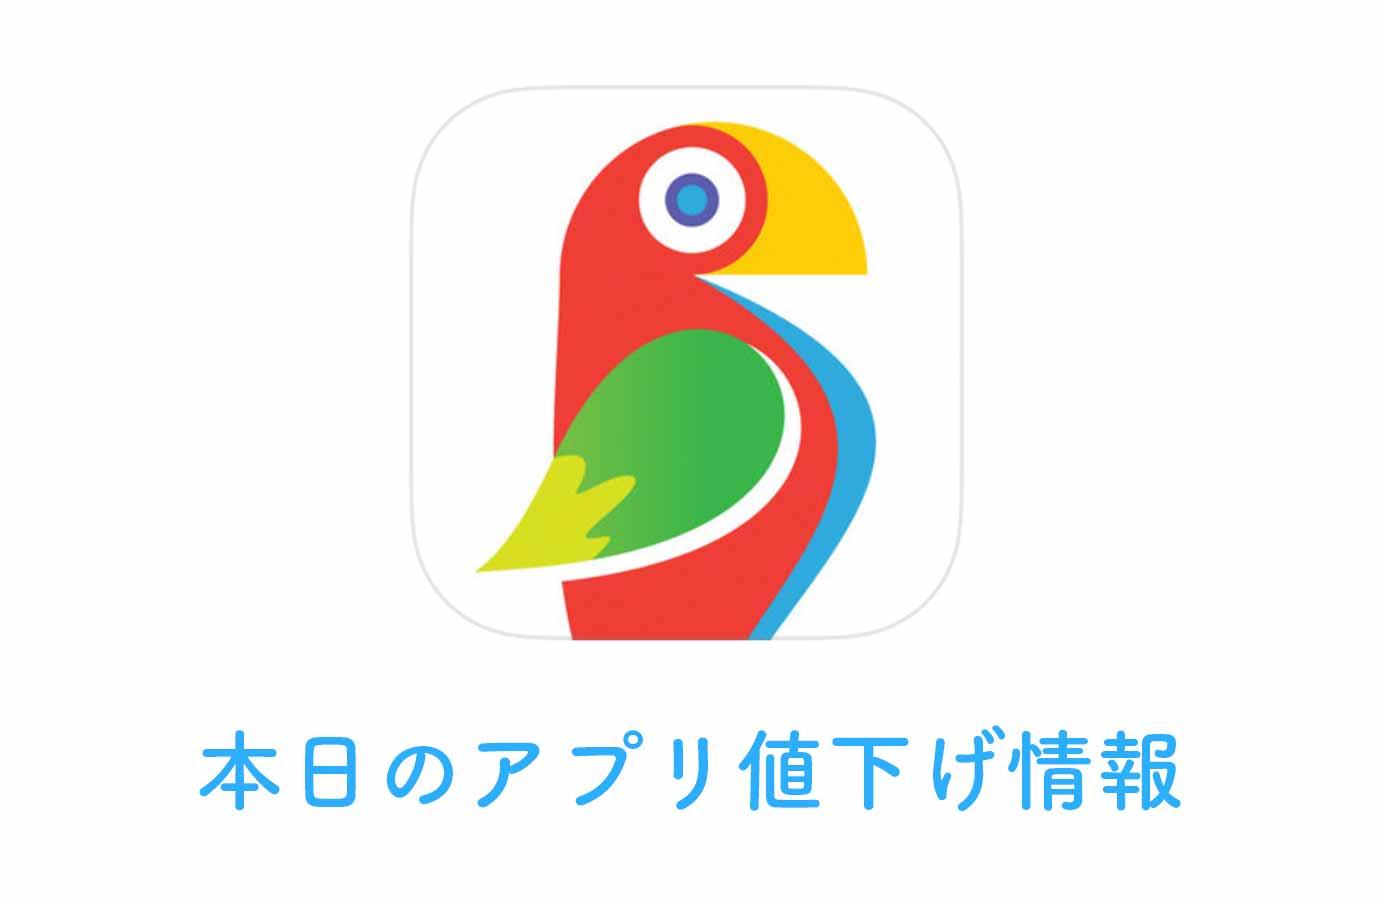 600円→360円!ワンタッチで写真を絵画のように加工できる編集アプリ「Brushstroke」など【12/2】アプリ値下げ情報